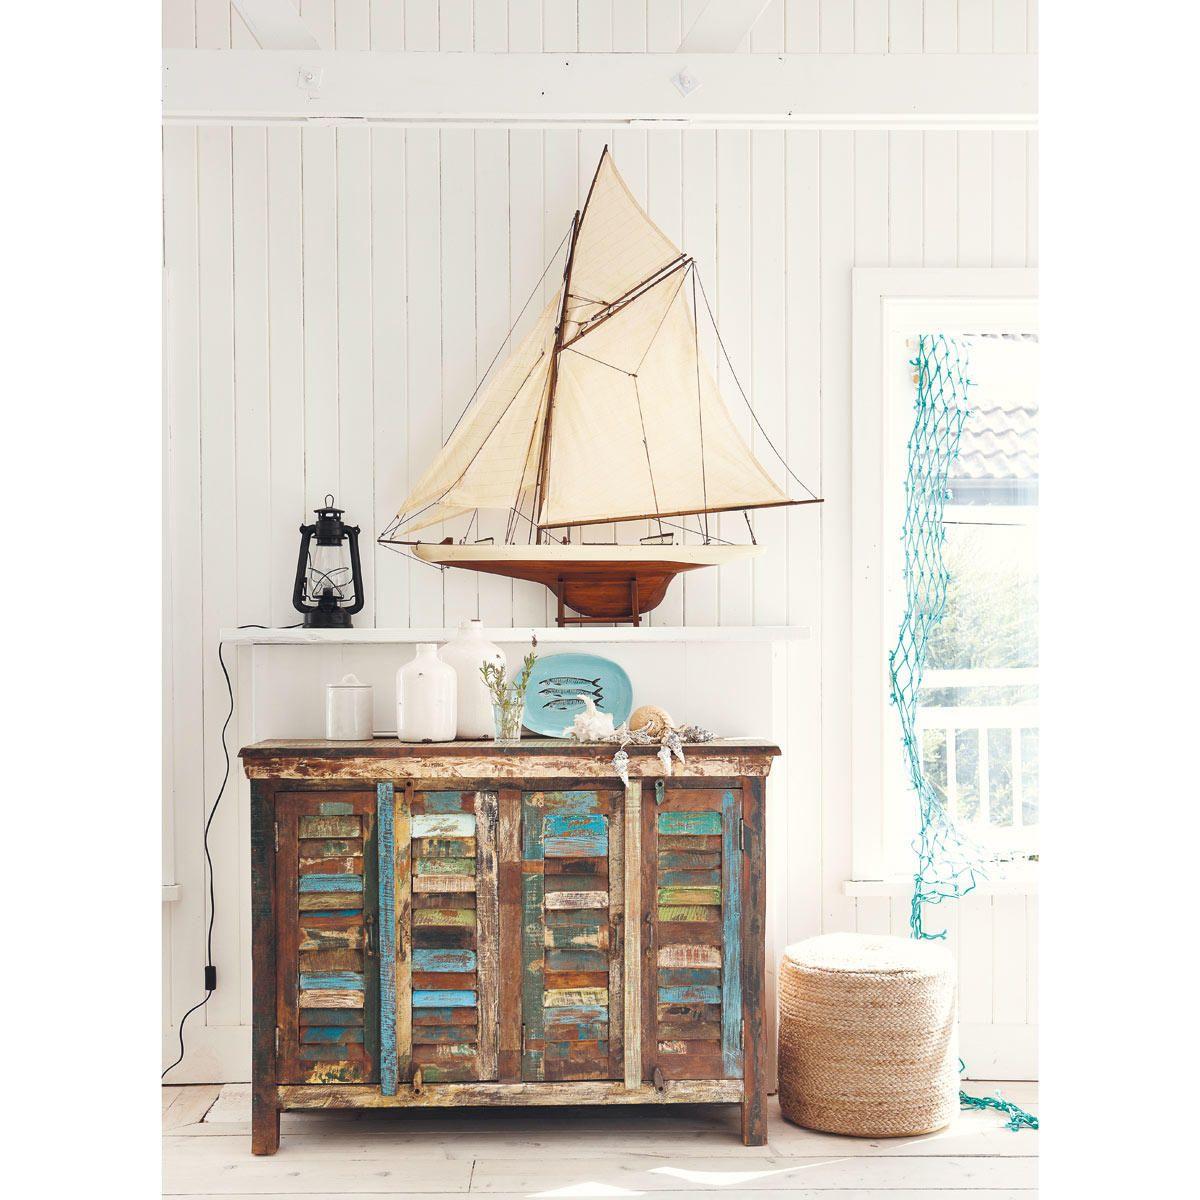 bateau d co en bois 120 x 124 cm arcachon maisons du monde d coration pinterest deco en. Black Bedroom Furniture Sets. Home Design Ideas